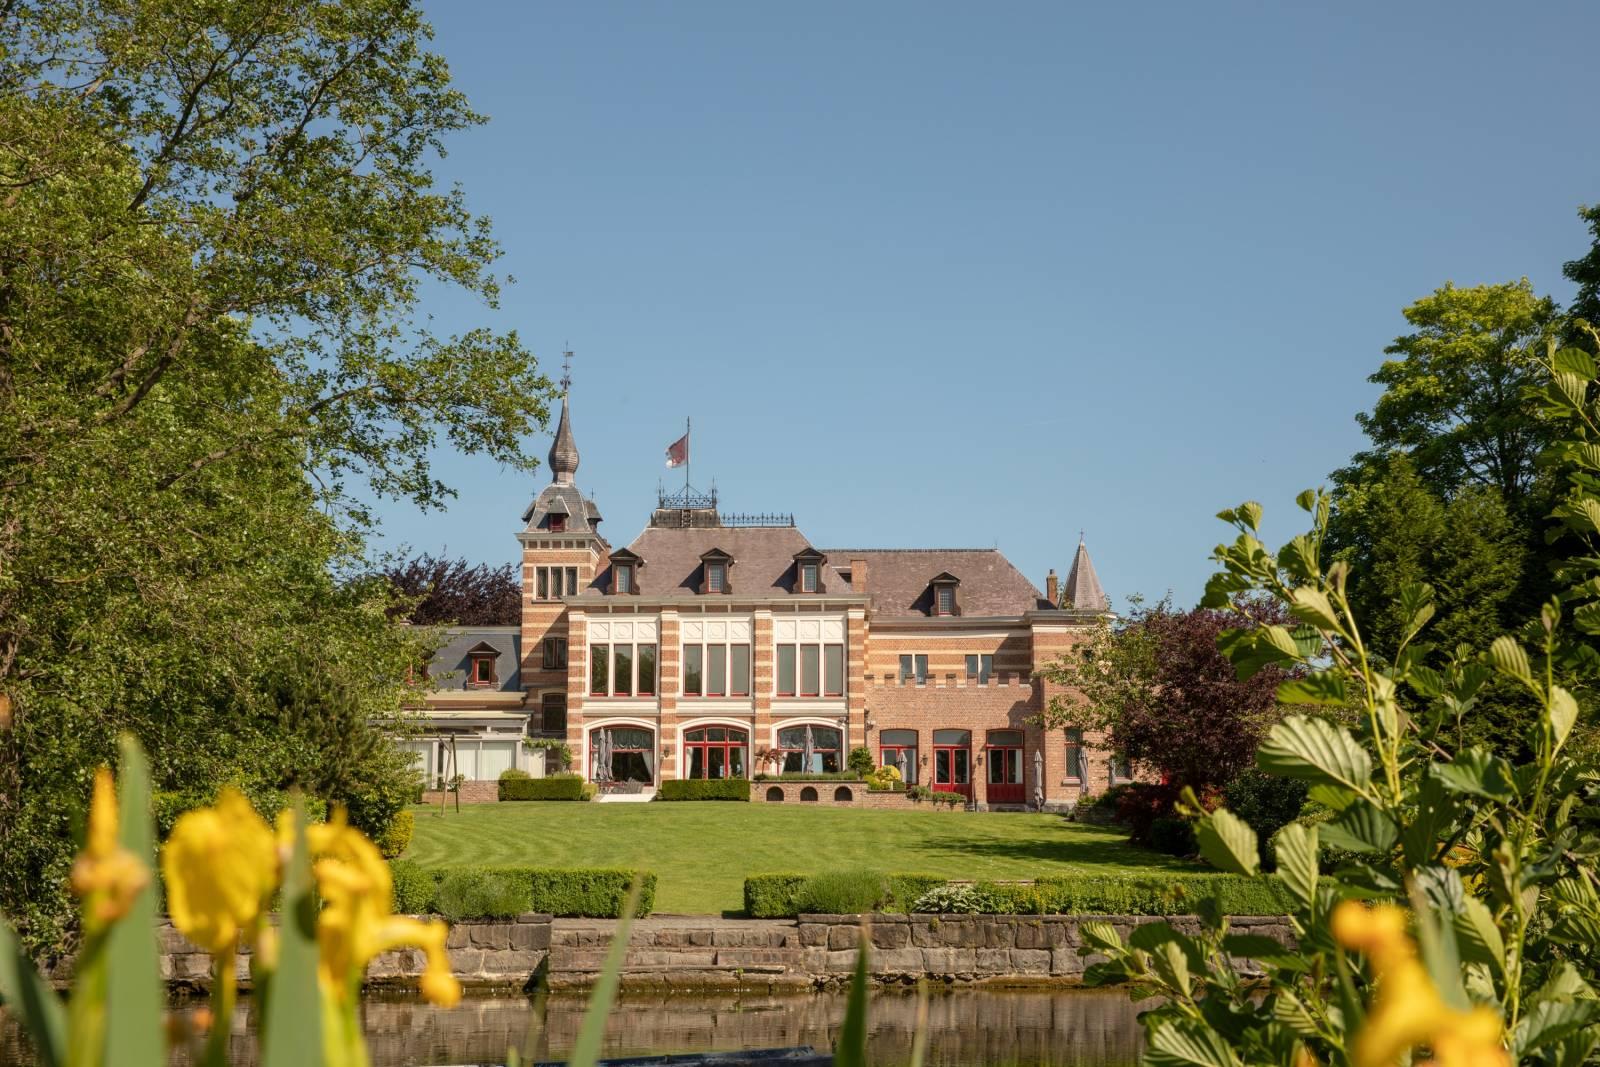 Kasteel van Moerkerke - House of Weddings - 13